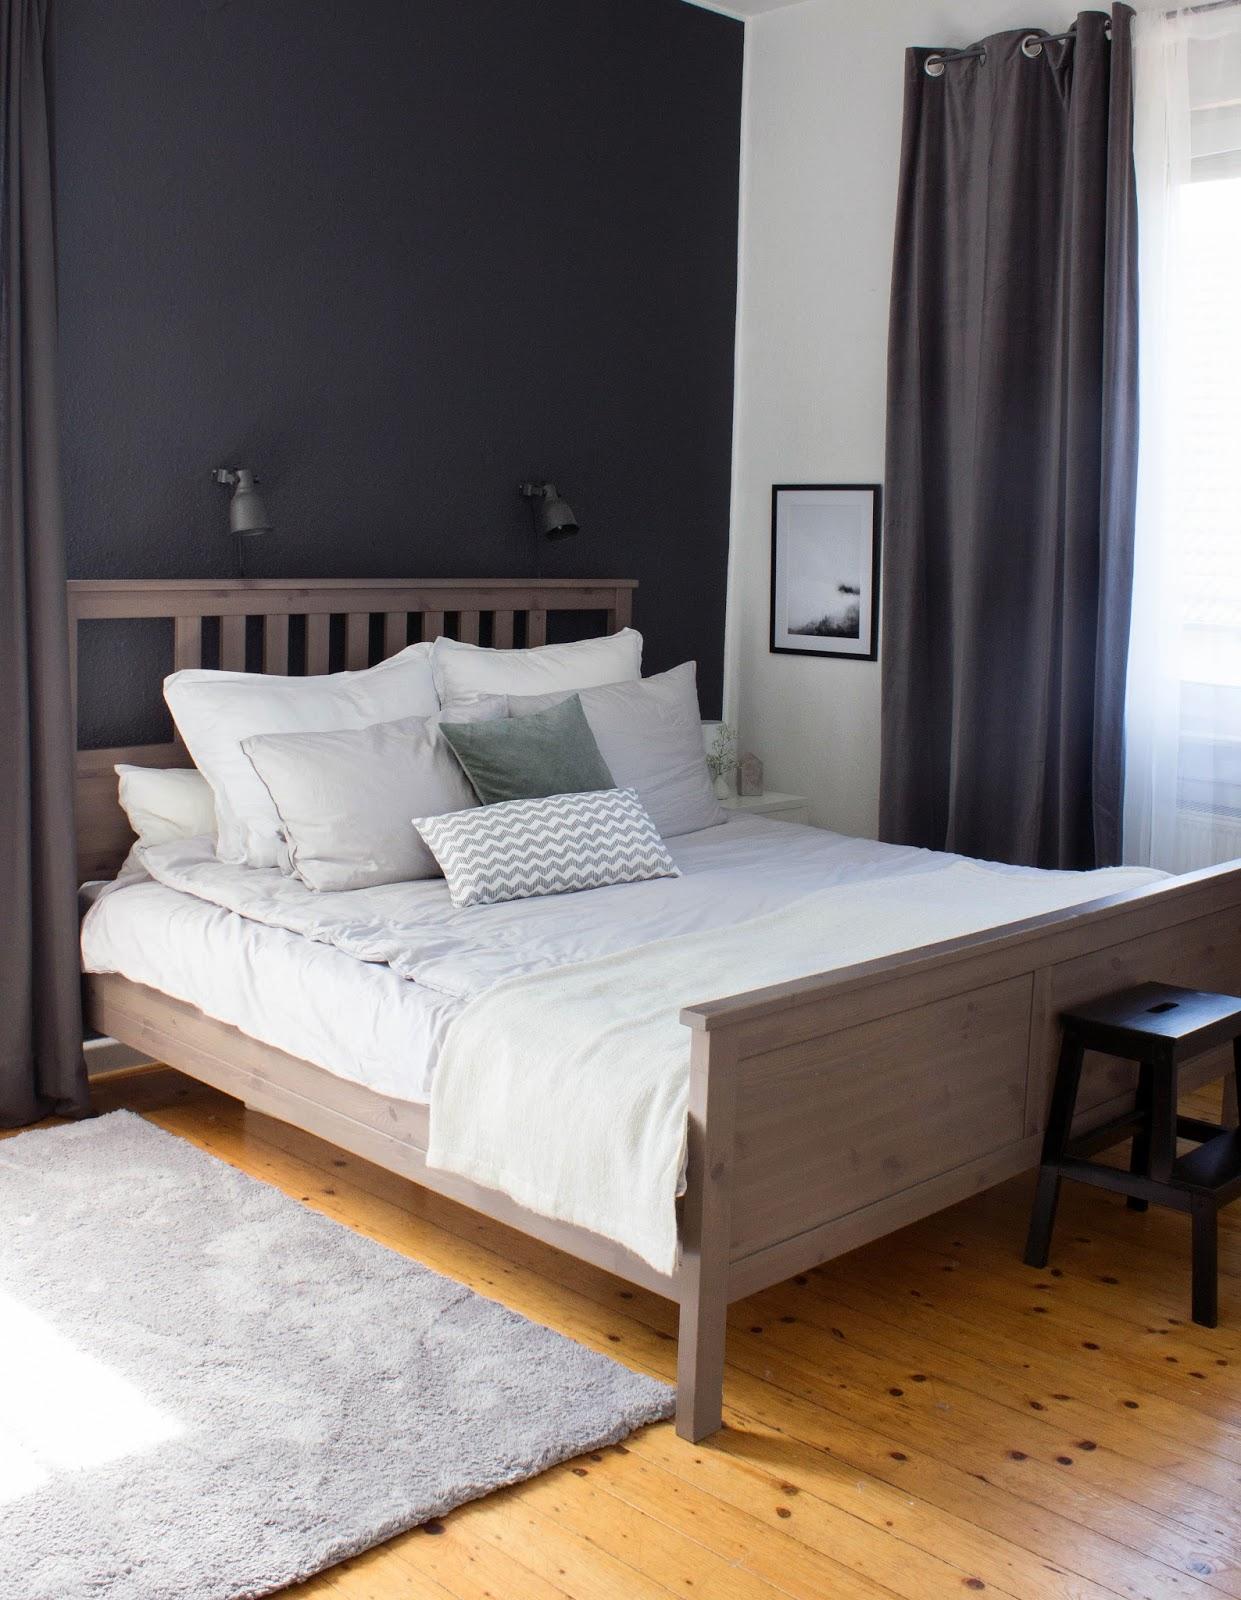 Hemnes Bett Im Wohnzimmer